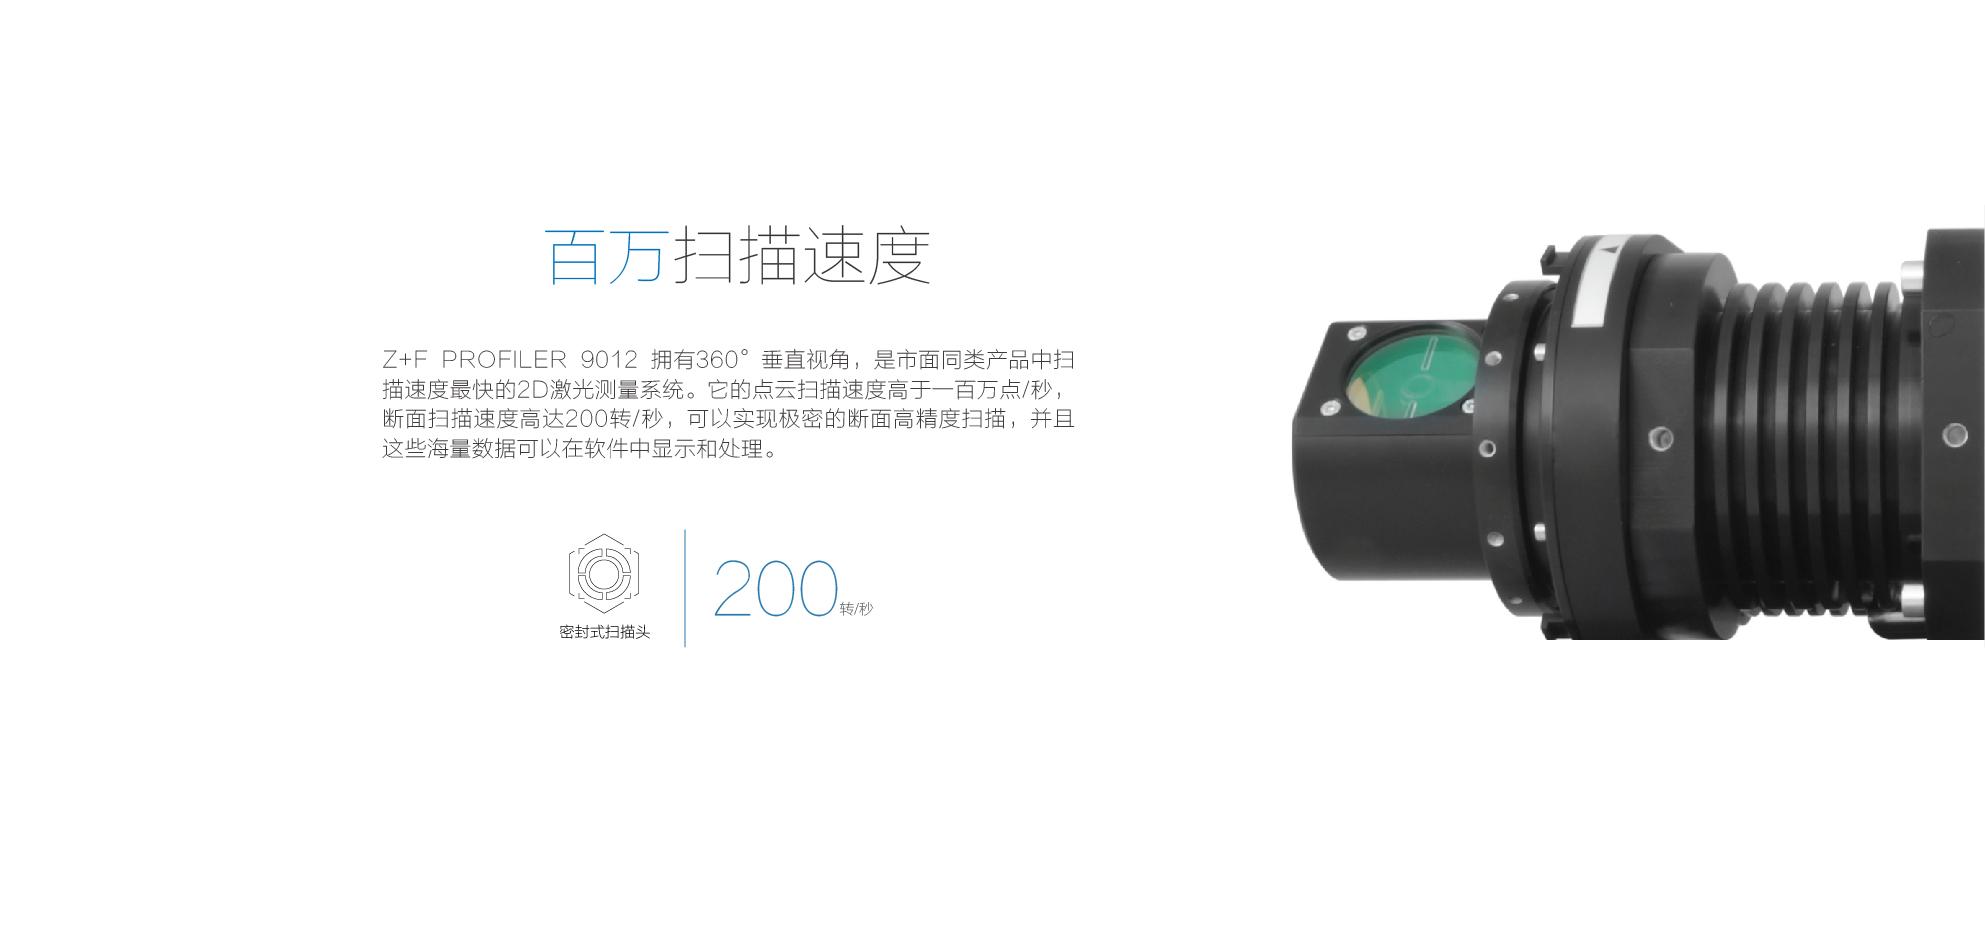 上海華測Z+F PROFILER 9012斷面掃描儀,百萬掃描速度,,華測導航